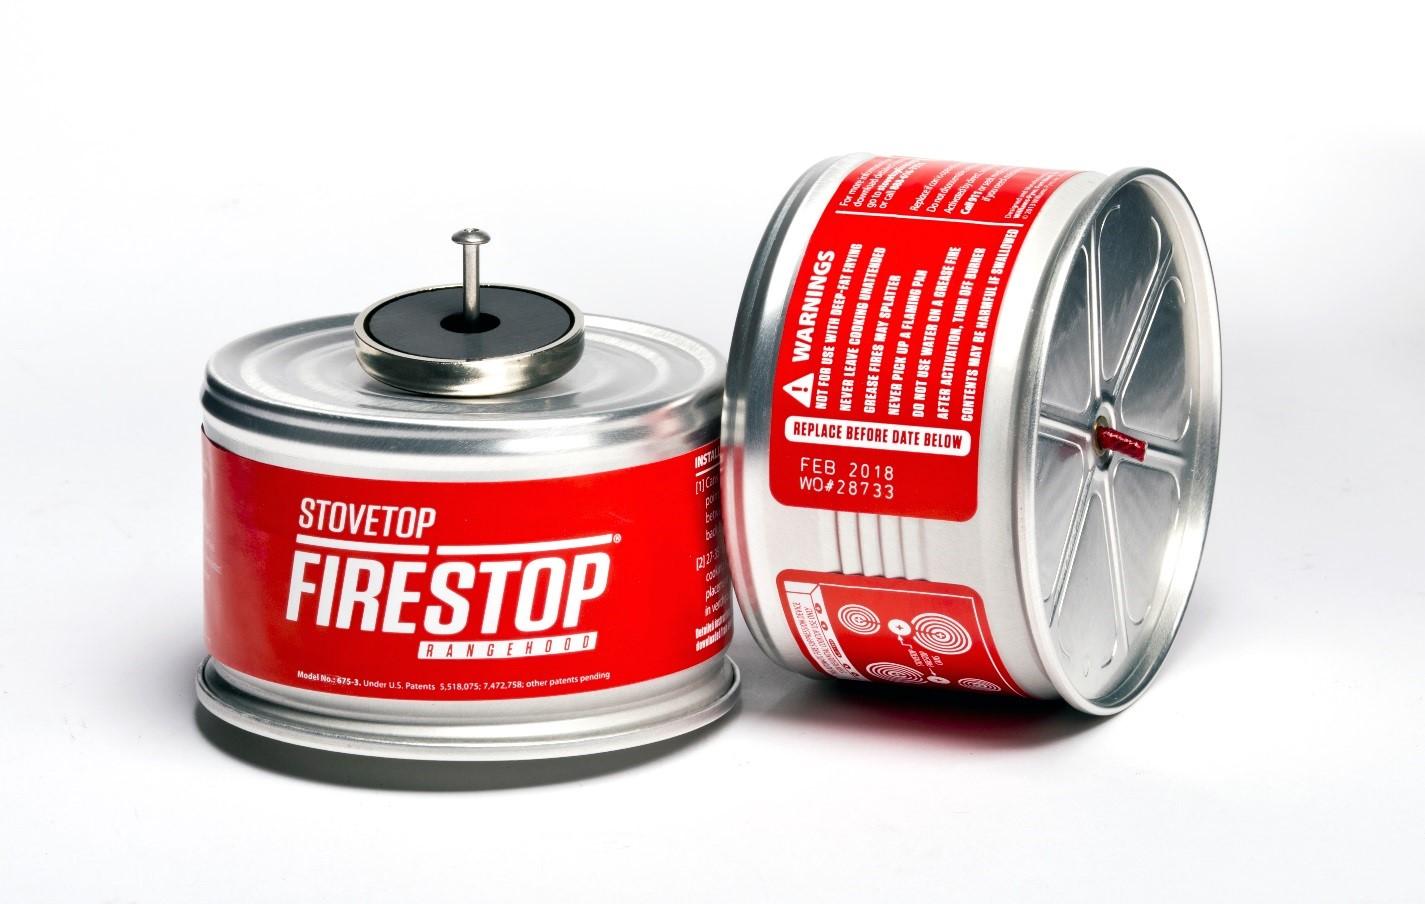 Recalled  StoveTop FireStop Rangehood model number 675-3D